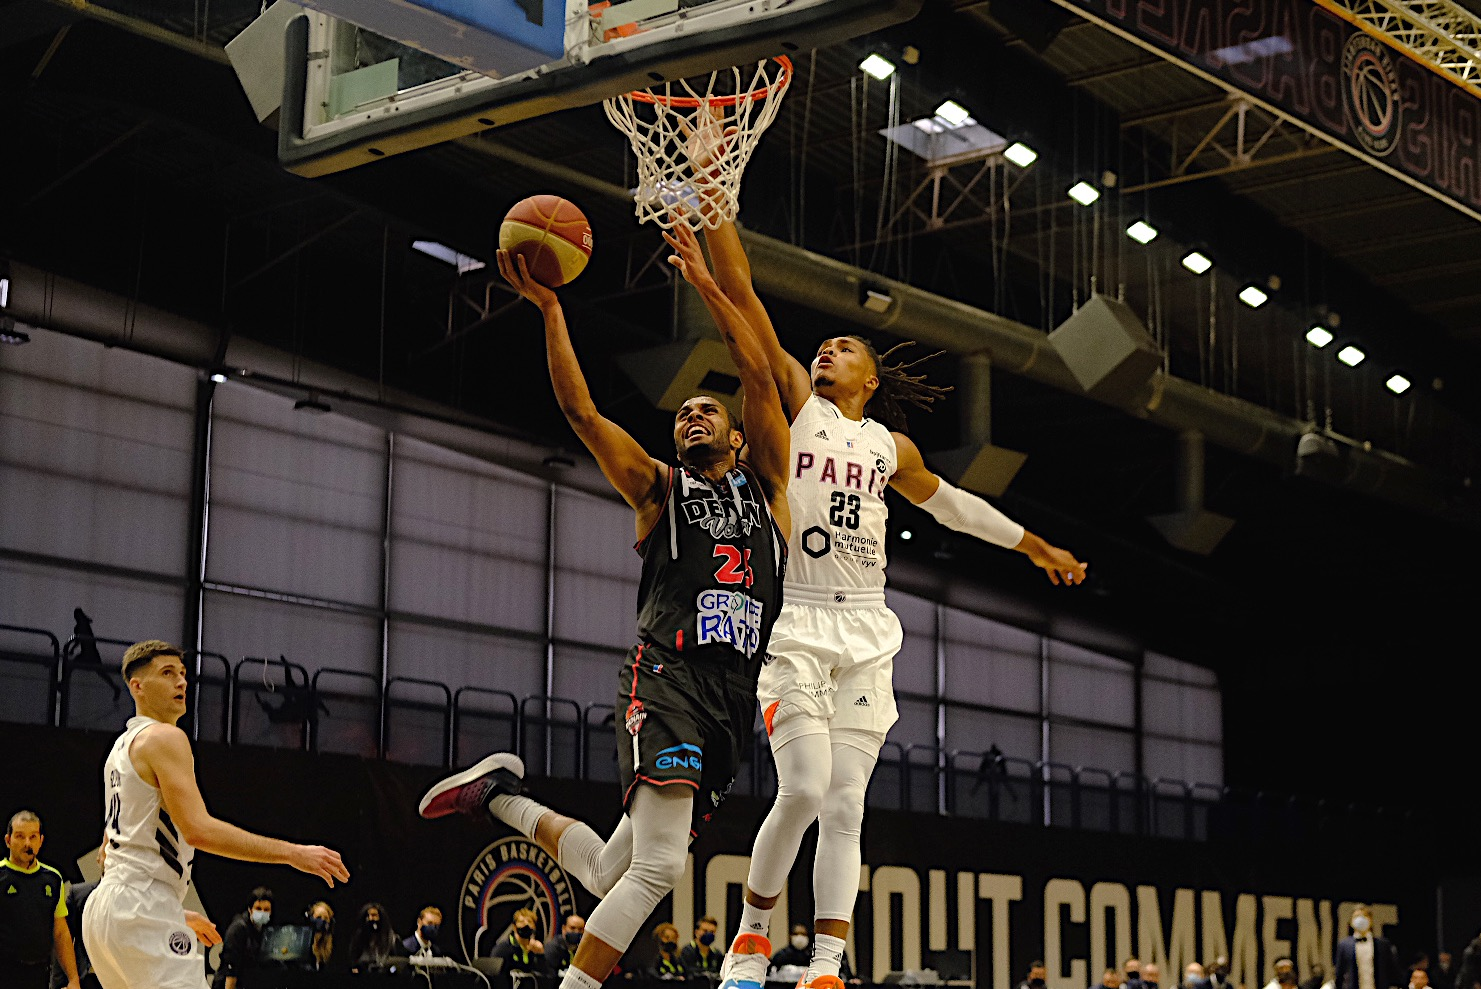 Défaite à Paris Basketball – Les dragons éliminés en Leaders Cup avec les honneurs